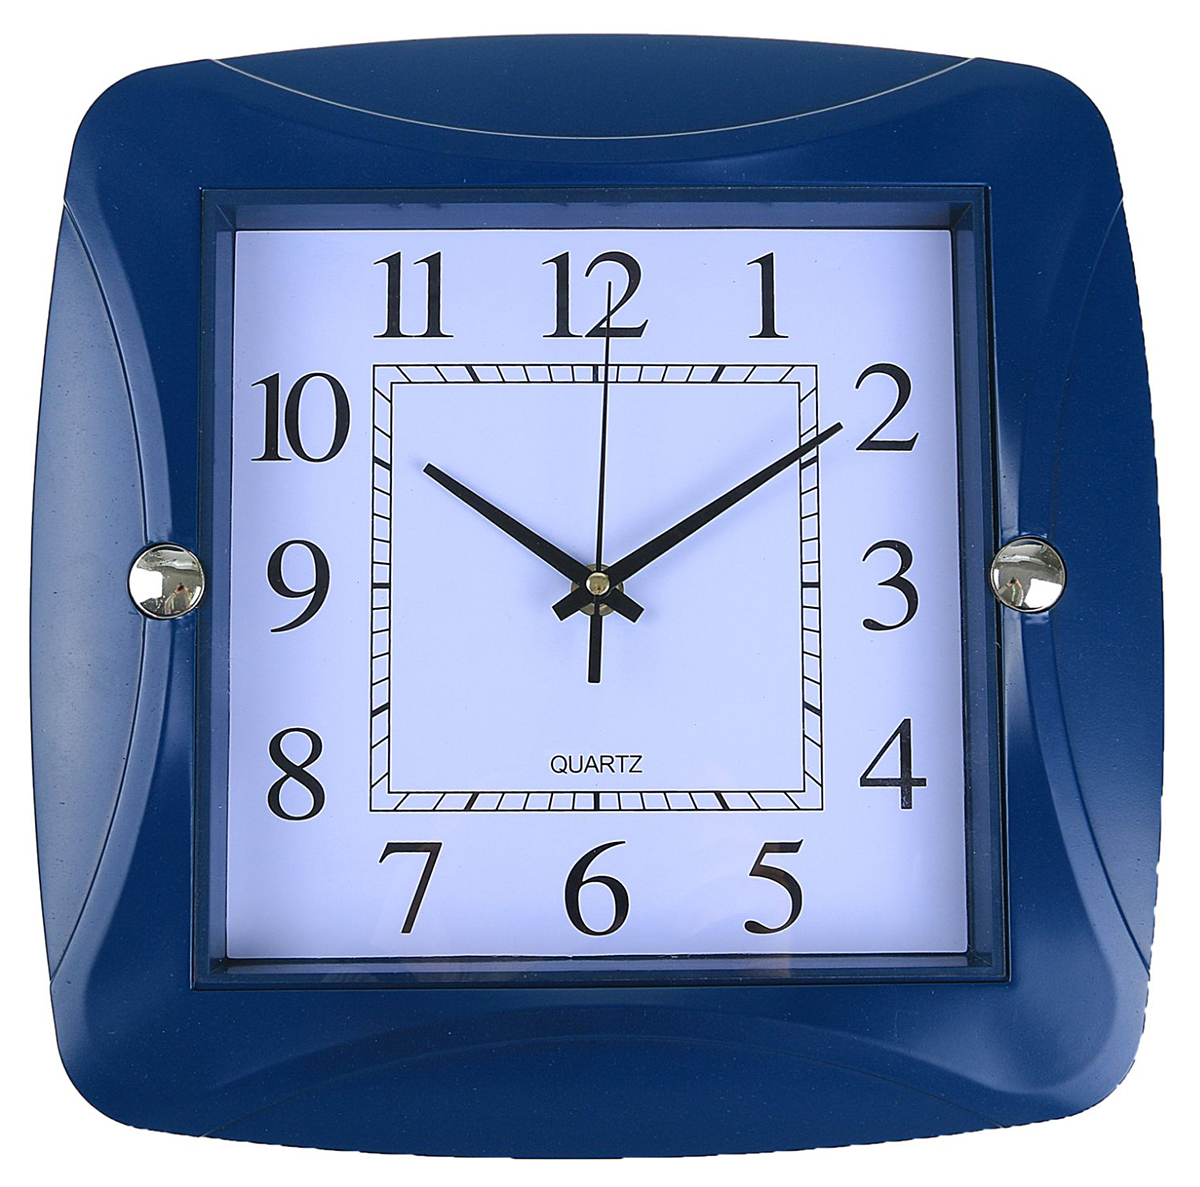 Часы настенные Дуга, цвет: синий, 30 х 30 см хочу продать свою квартиру которая менее 3х лет и другую какие налоги надо заплатить